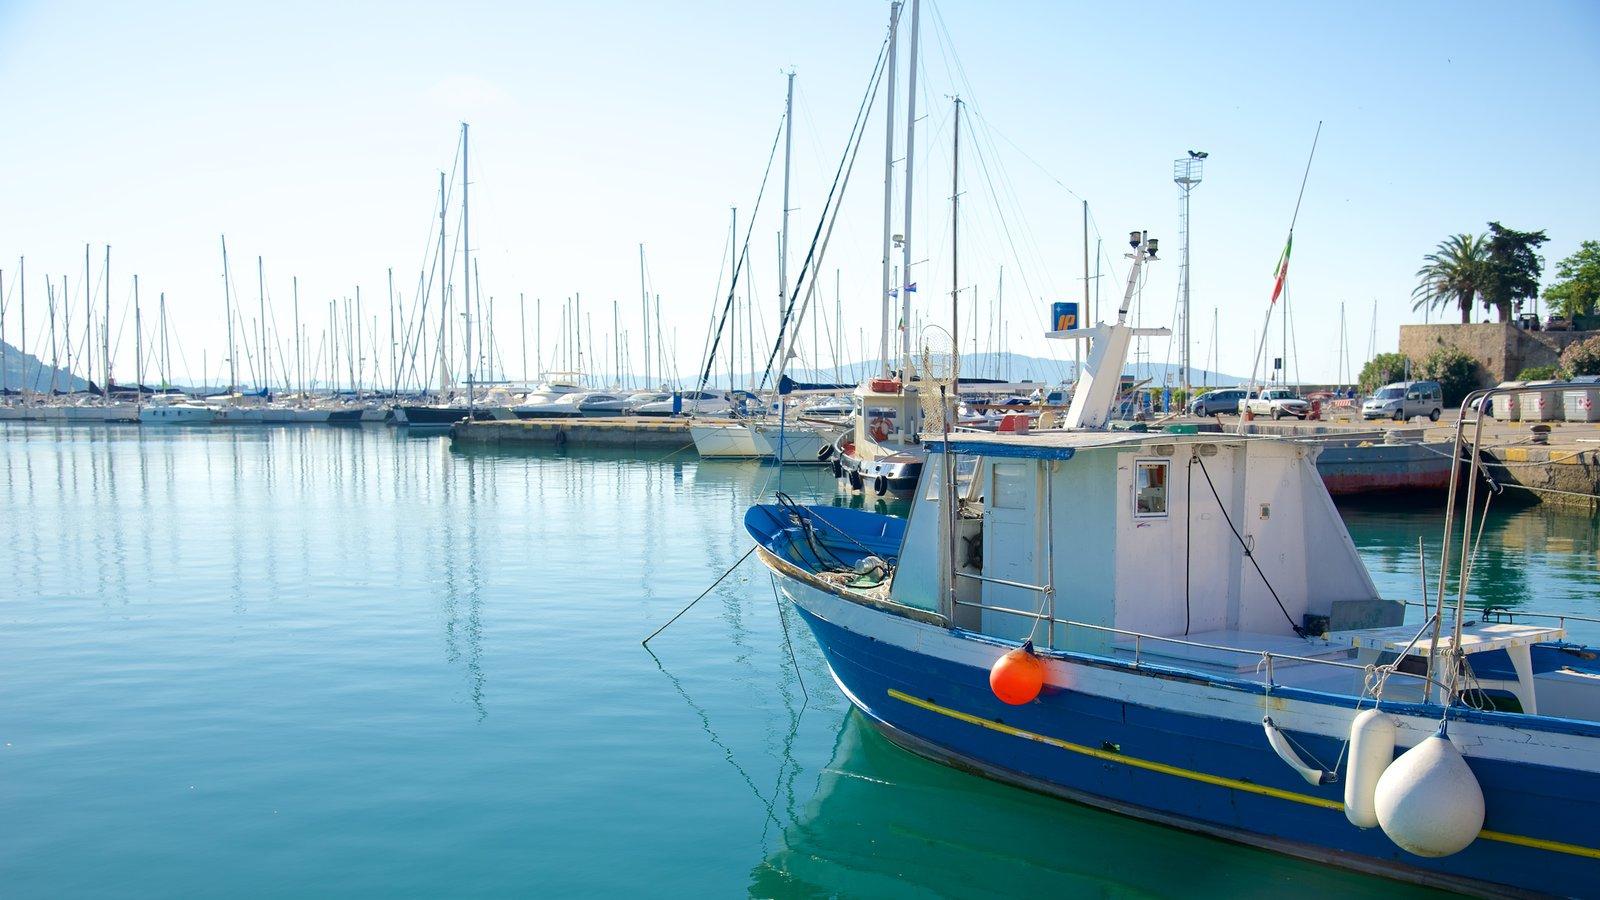 Talamone caracterizando uma marina